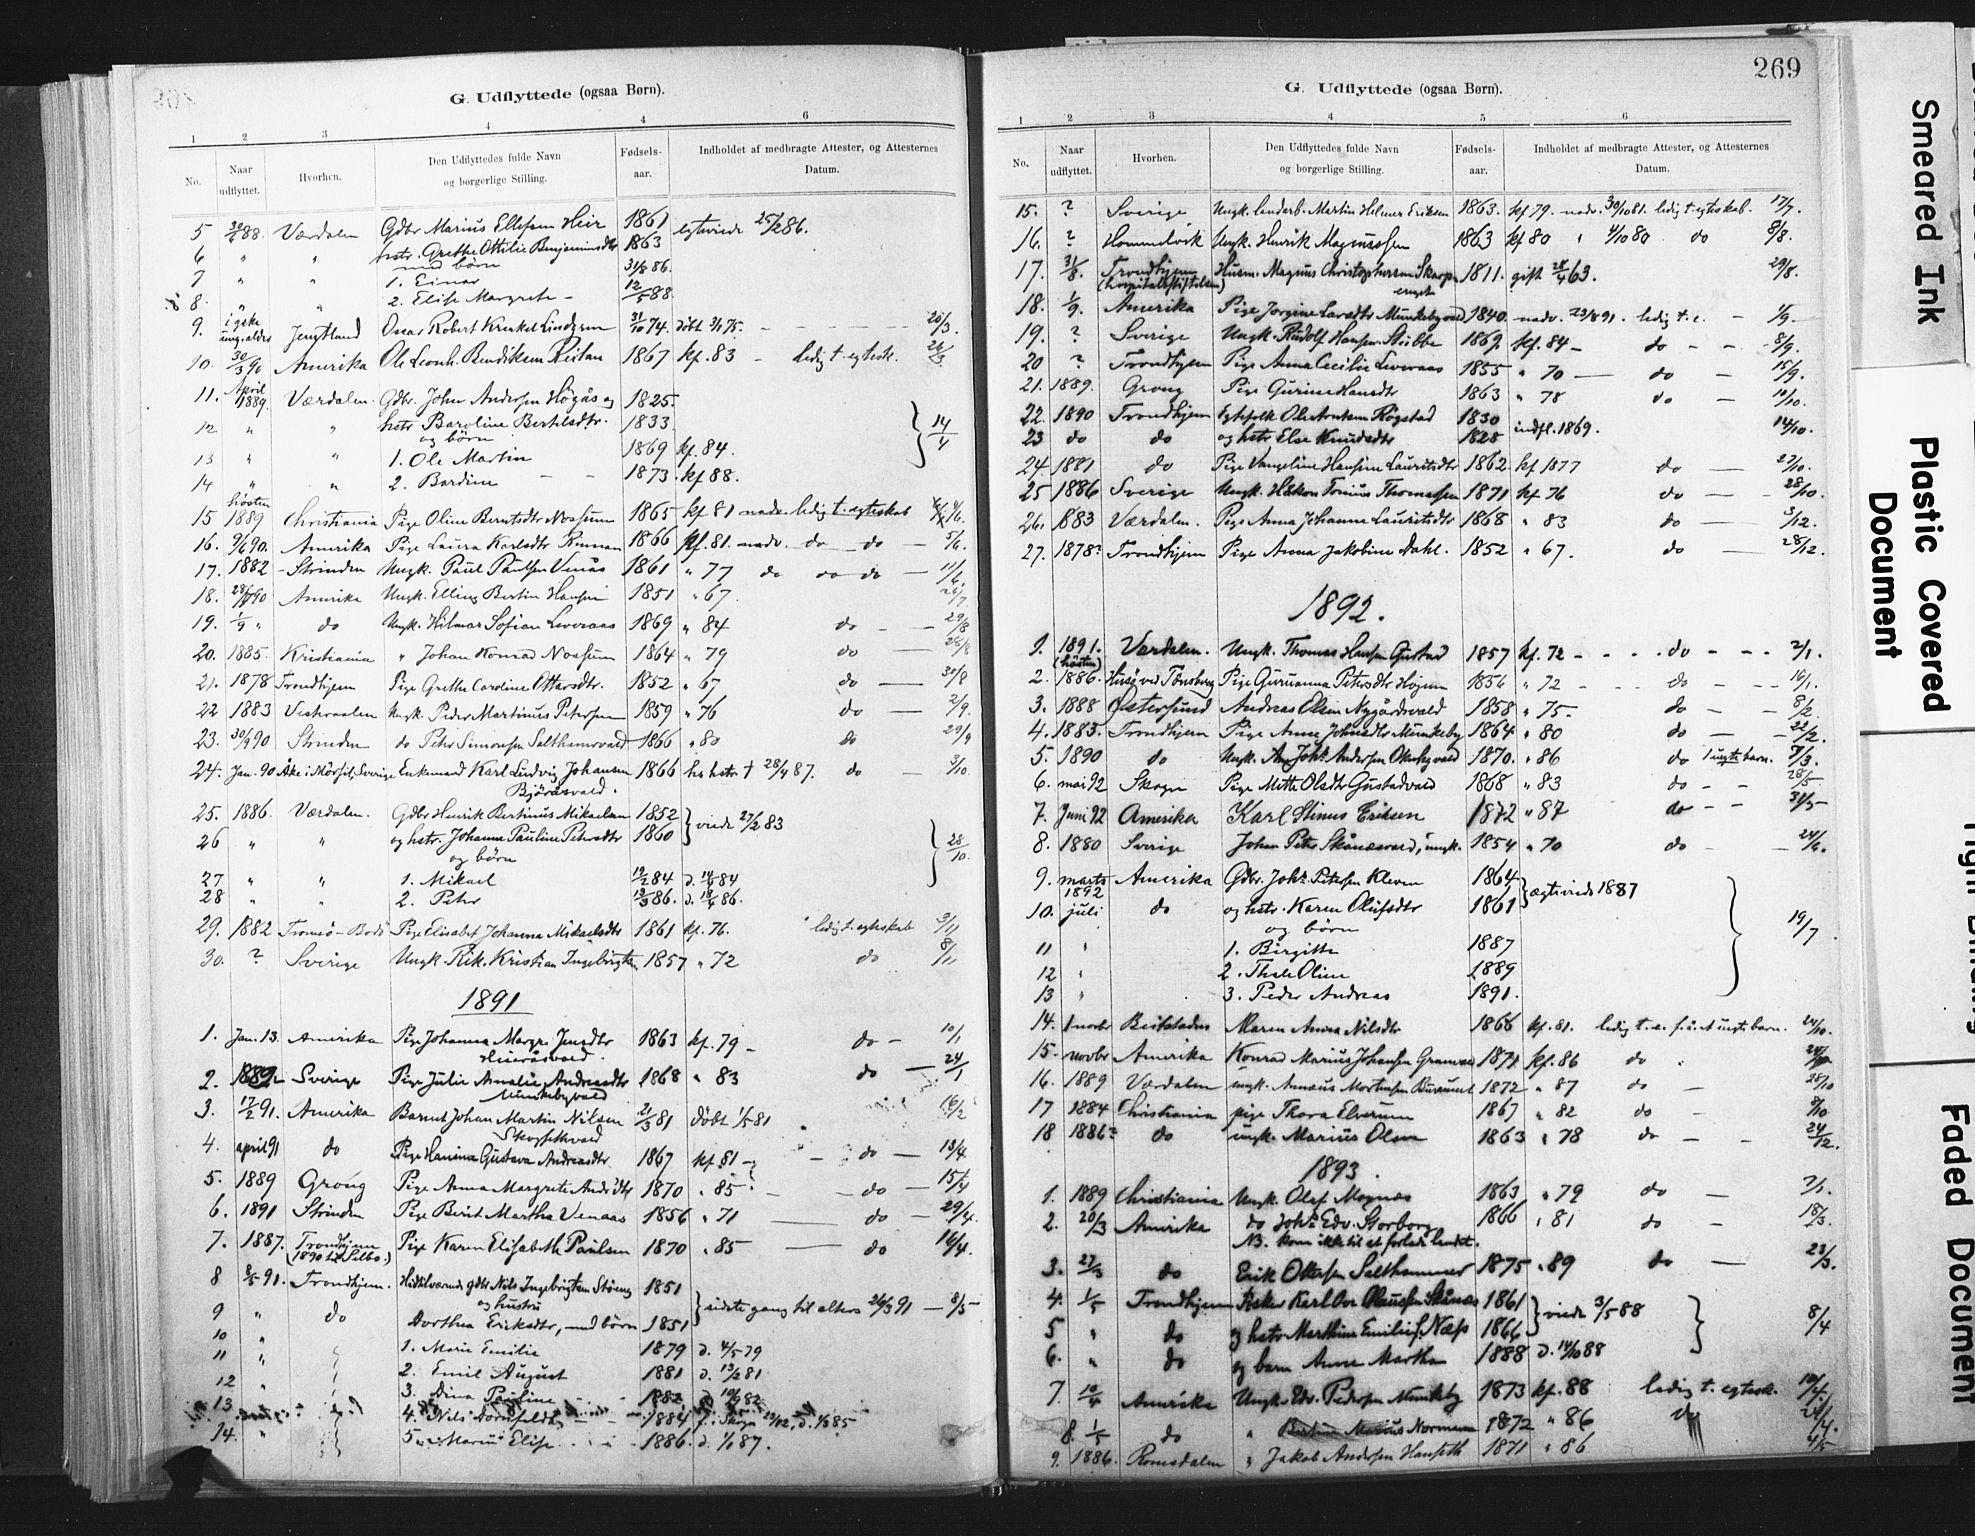 SAT, Ministerialprotokoller, klokkerbøker og fødselsregistre - Nord-Trøndelag, 721/L0207: Ministerialbok nr. 721A02, 1880-1911, s. 269